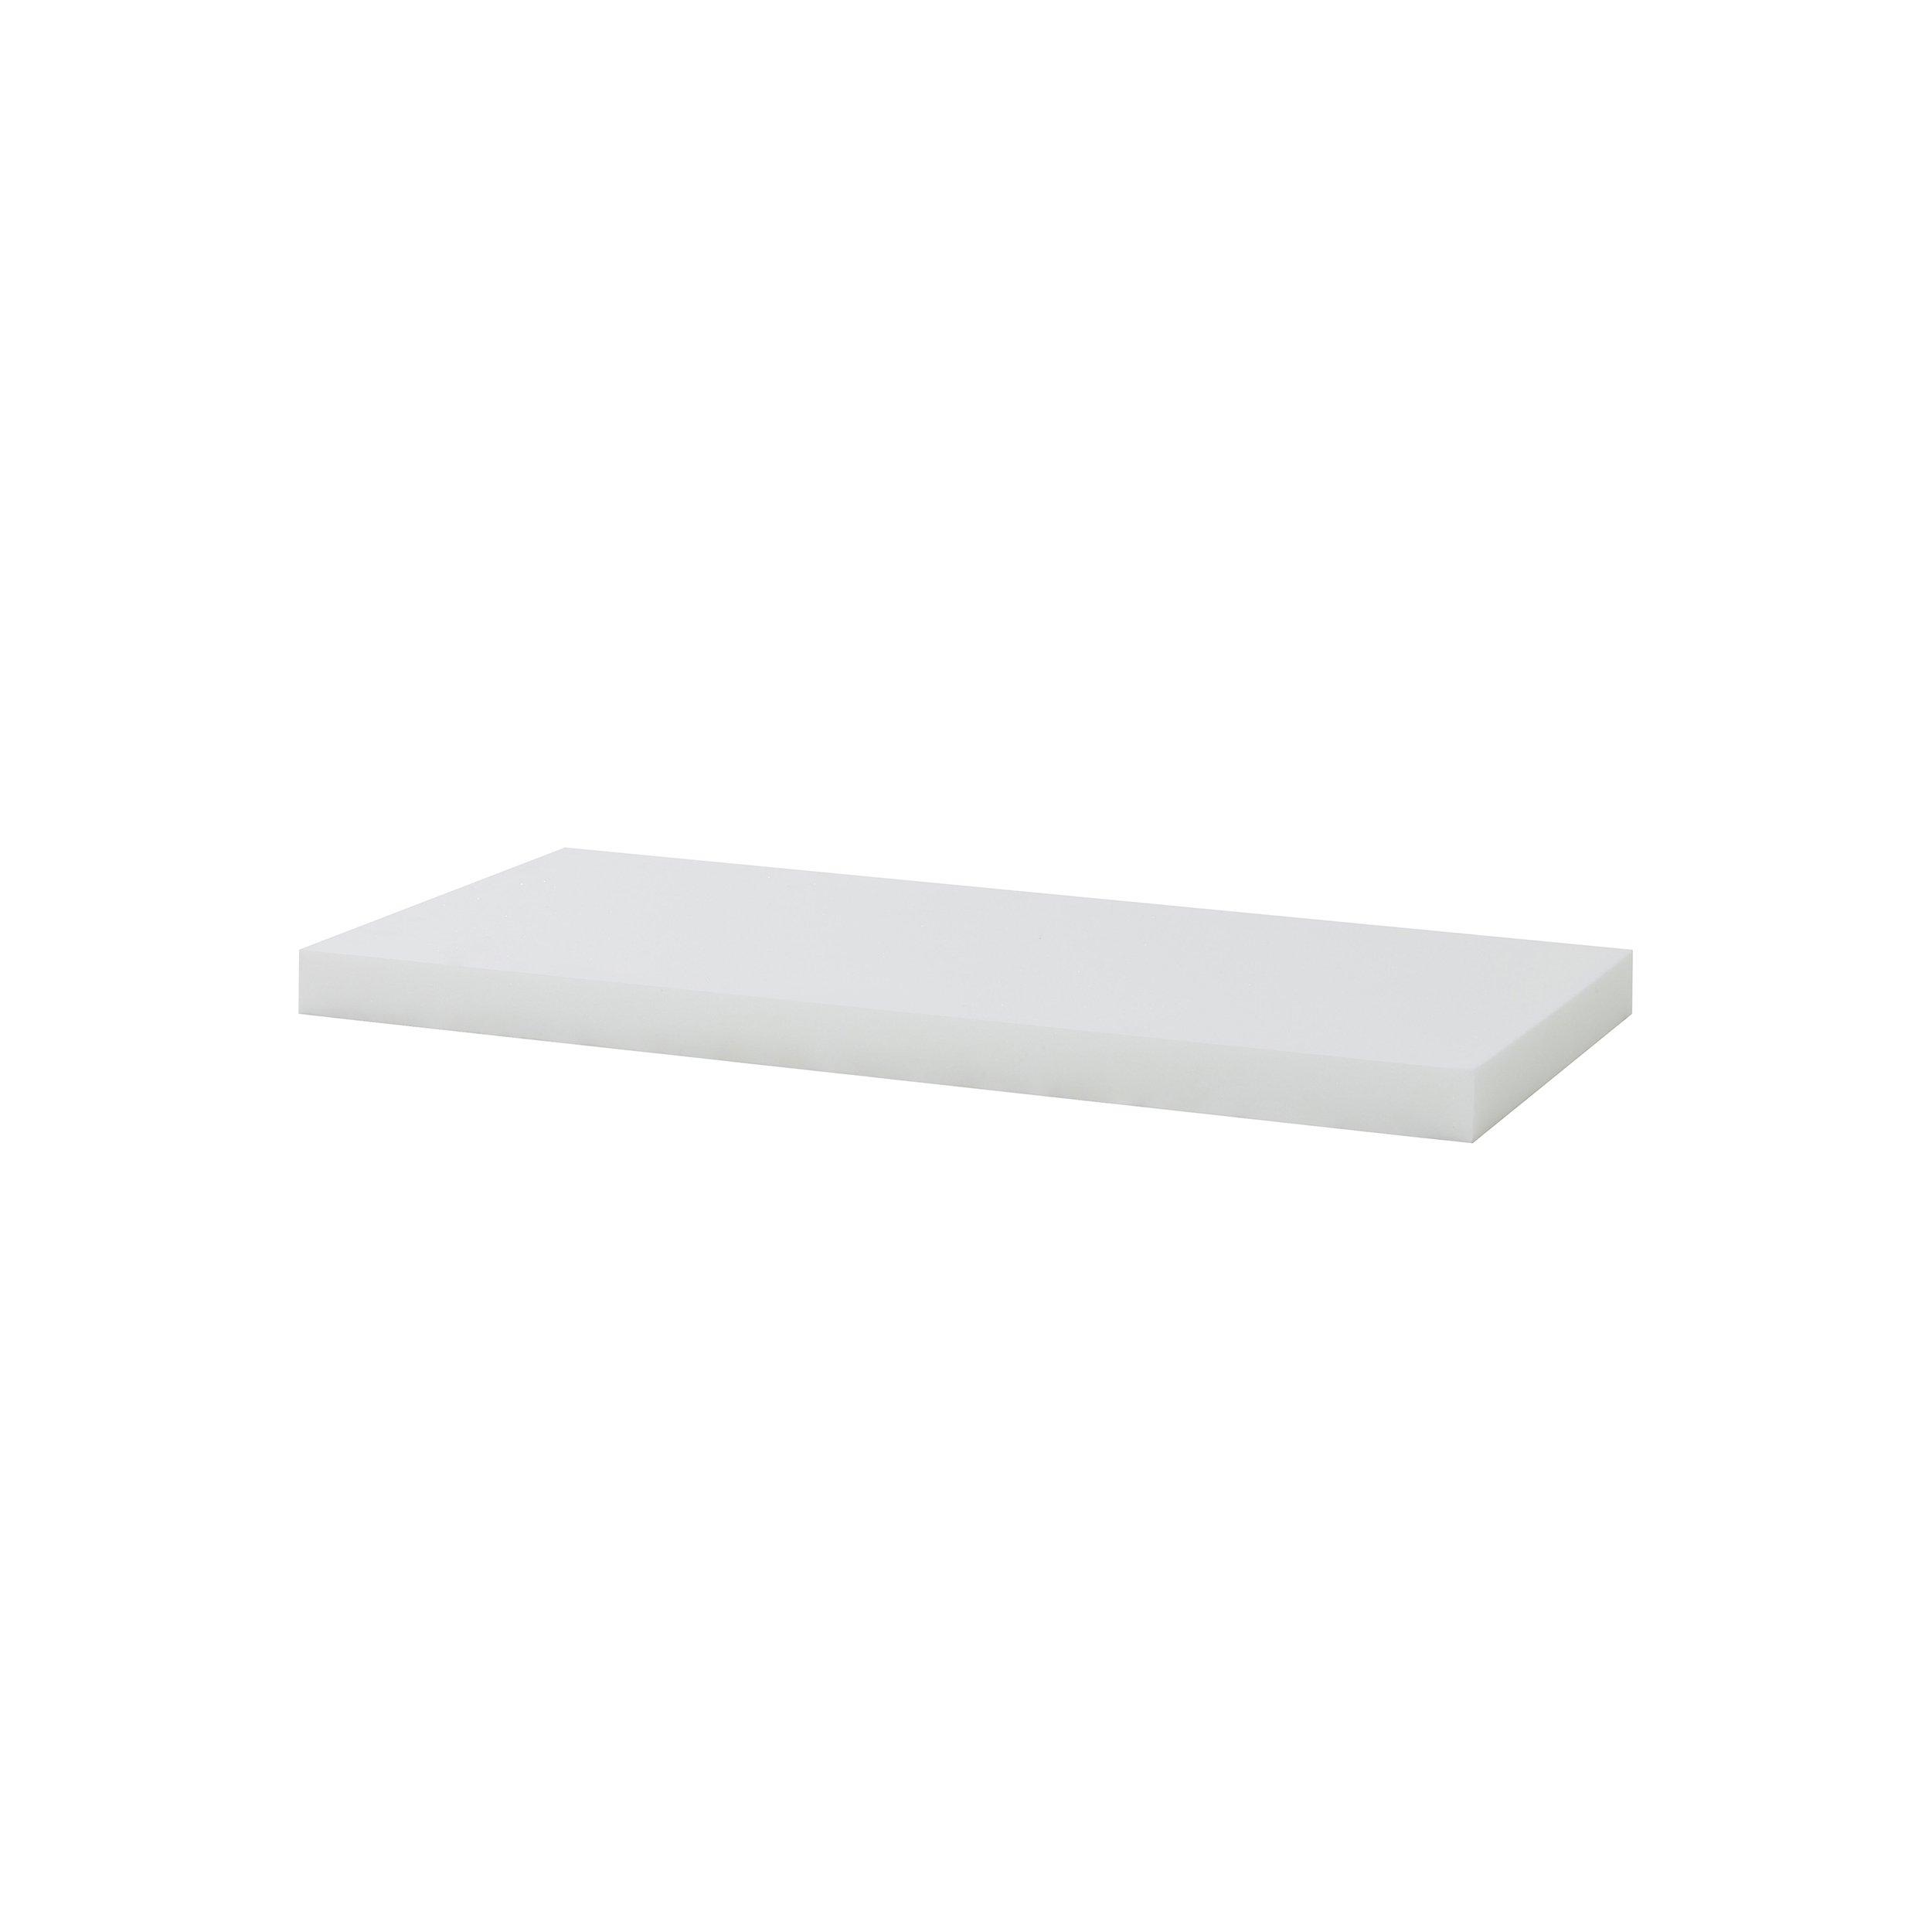 Hoppekids - Foam Mattress 9x70x160